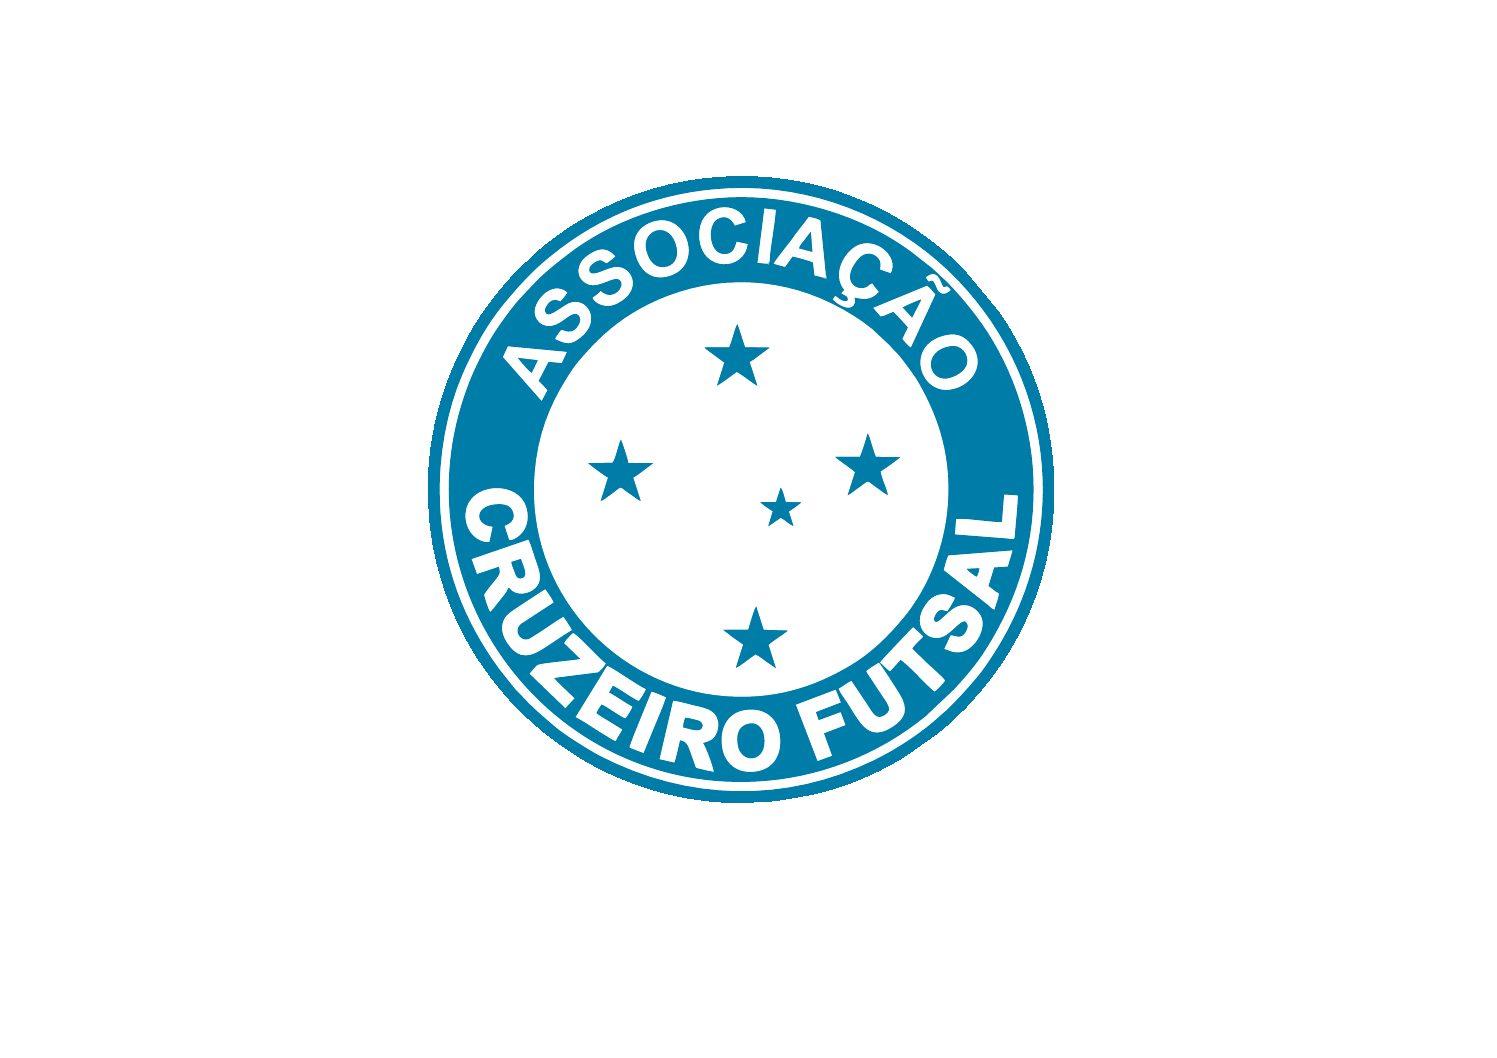 CAMISETA PERSONALIZADA PARA SÓCIO/TORCEDOR DA EQUIPE DO CRUZEIRO DE SÃO GABRIEL/RS.